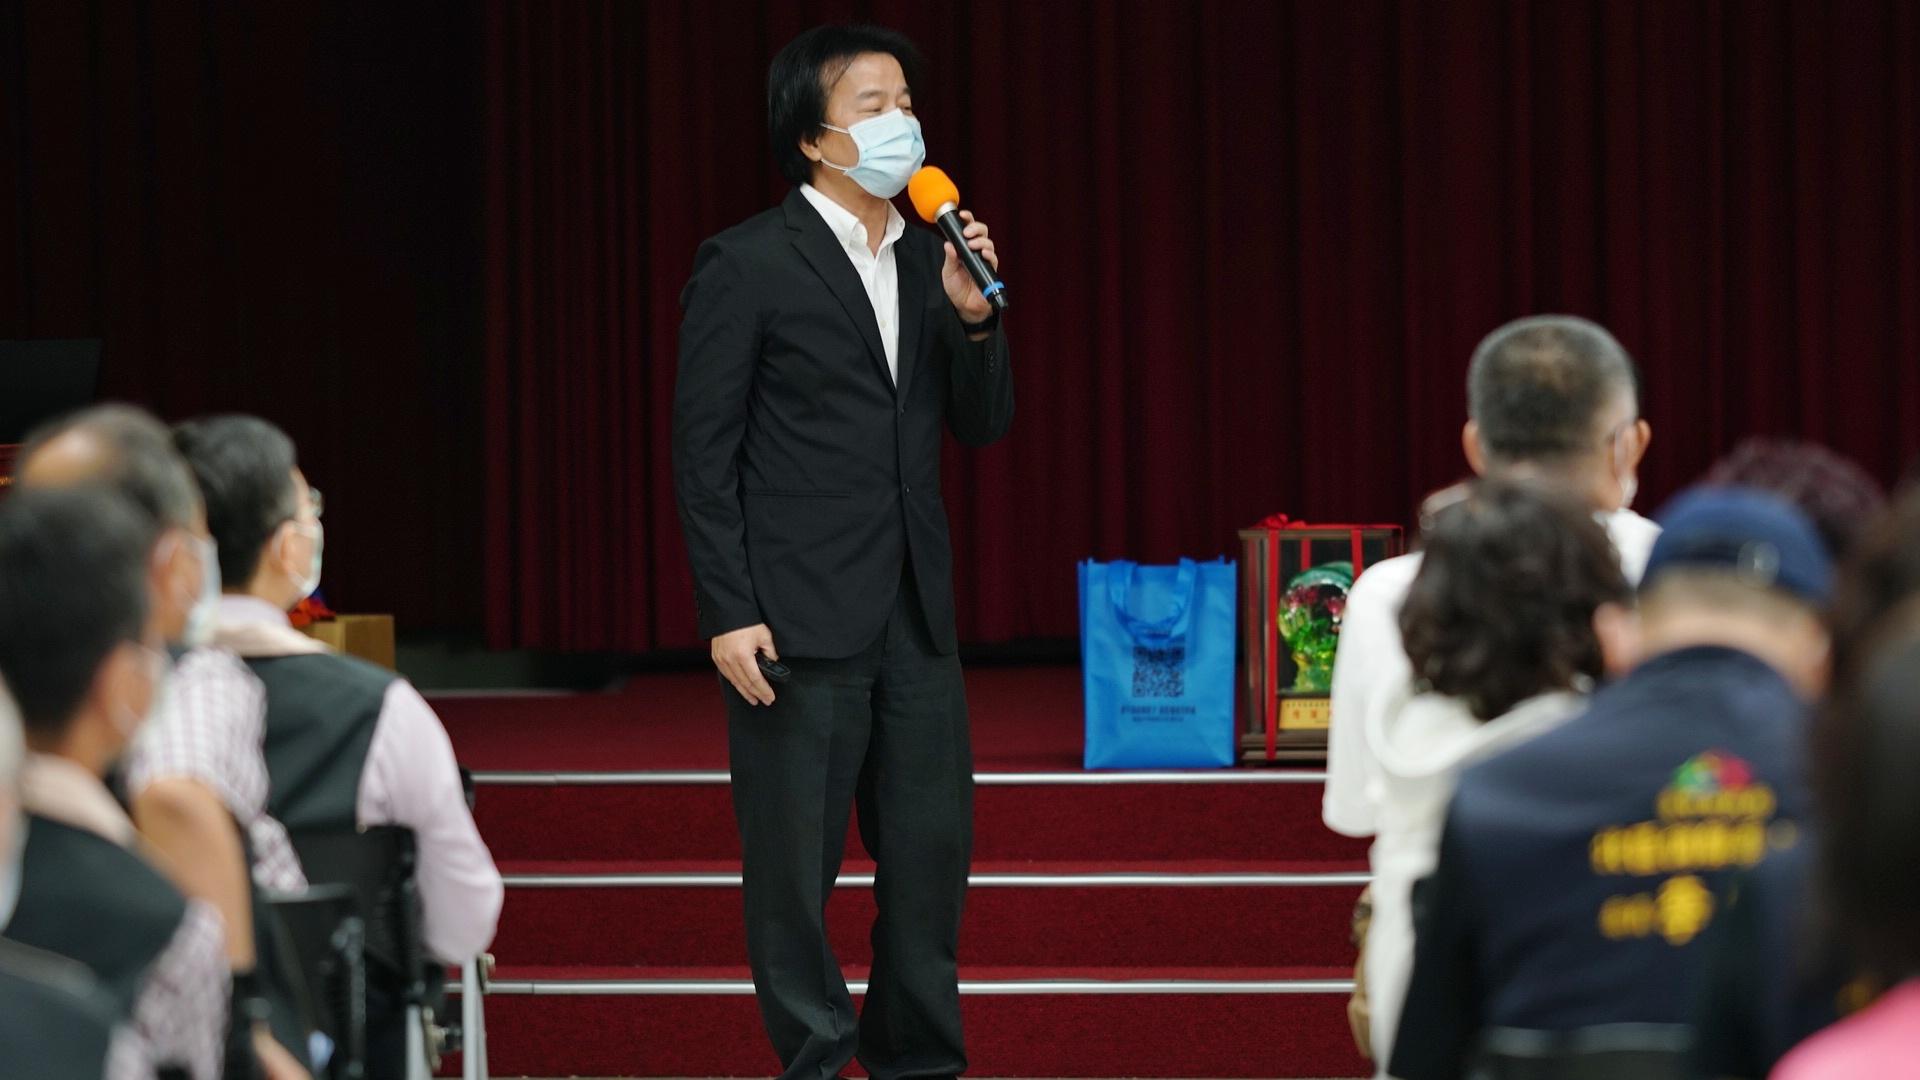 臺中市政府法制局暨各區調解委員觀摩參訪